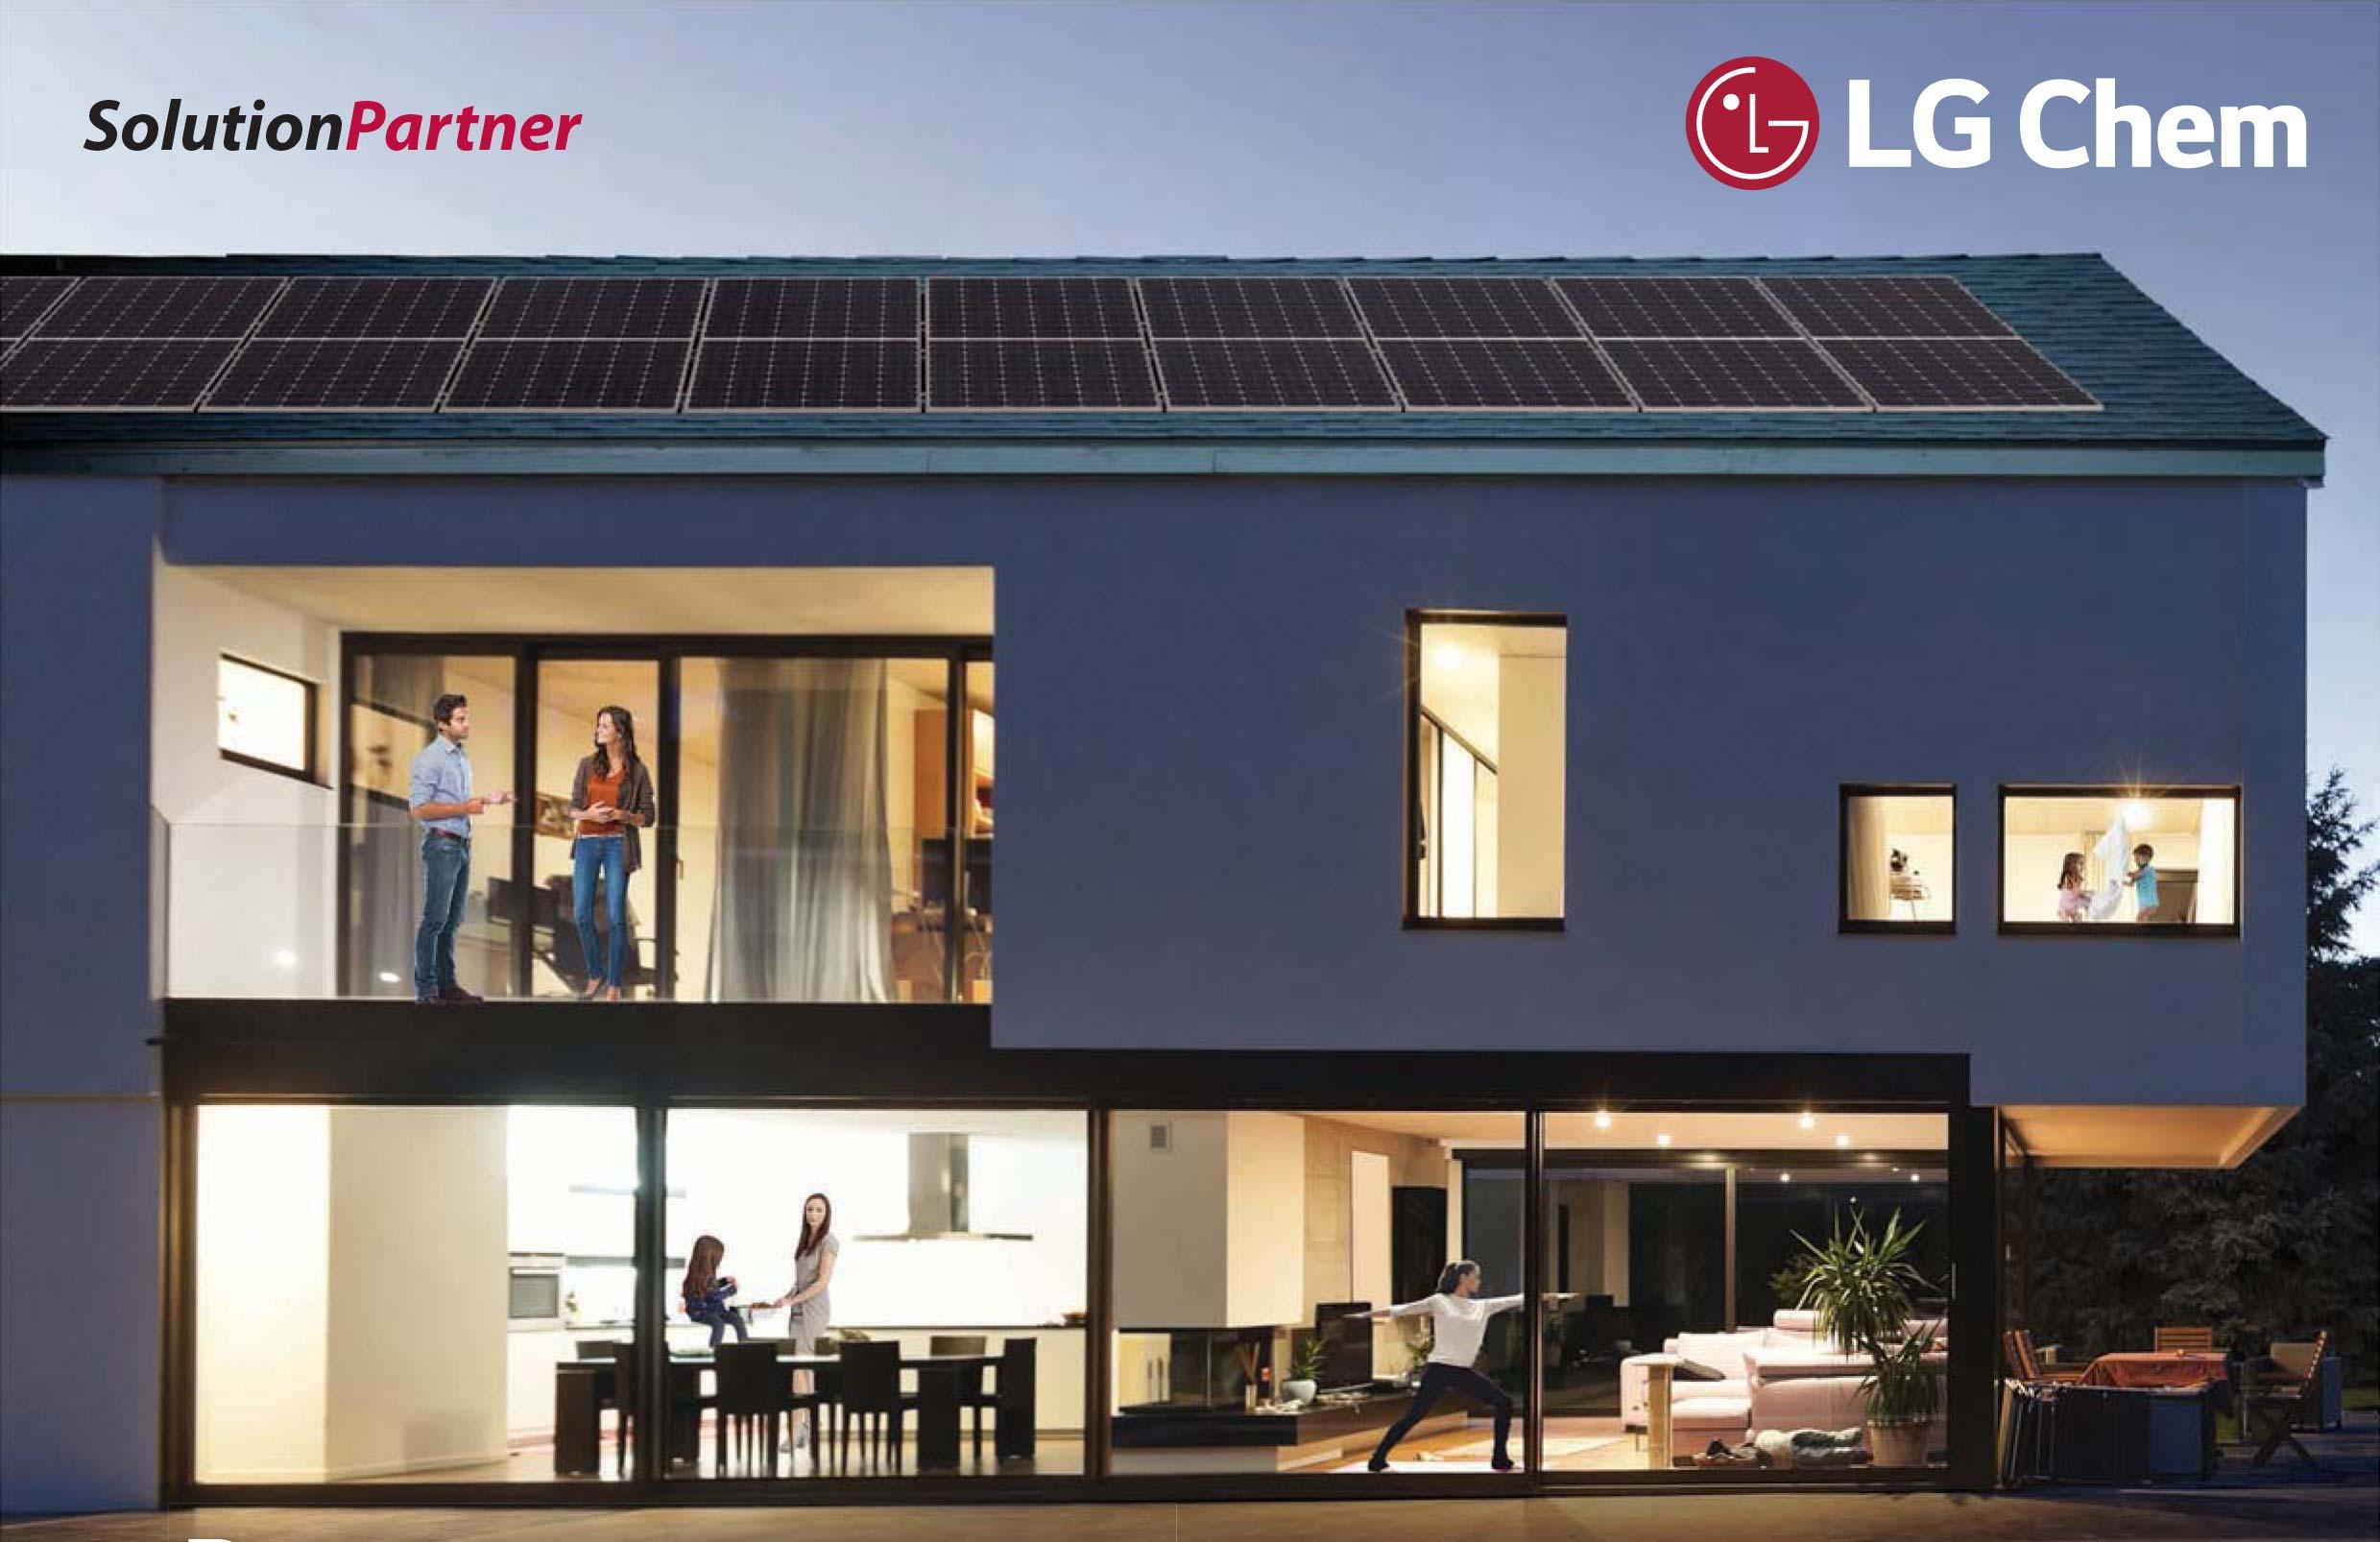 LG-Battery-Solution-image.jpg